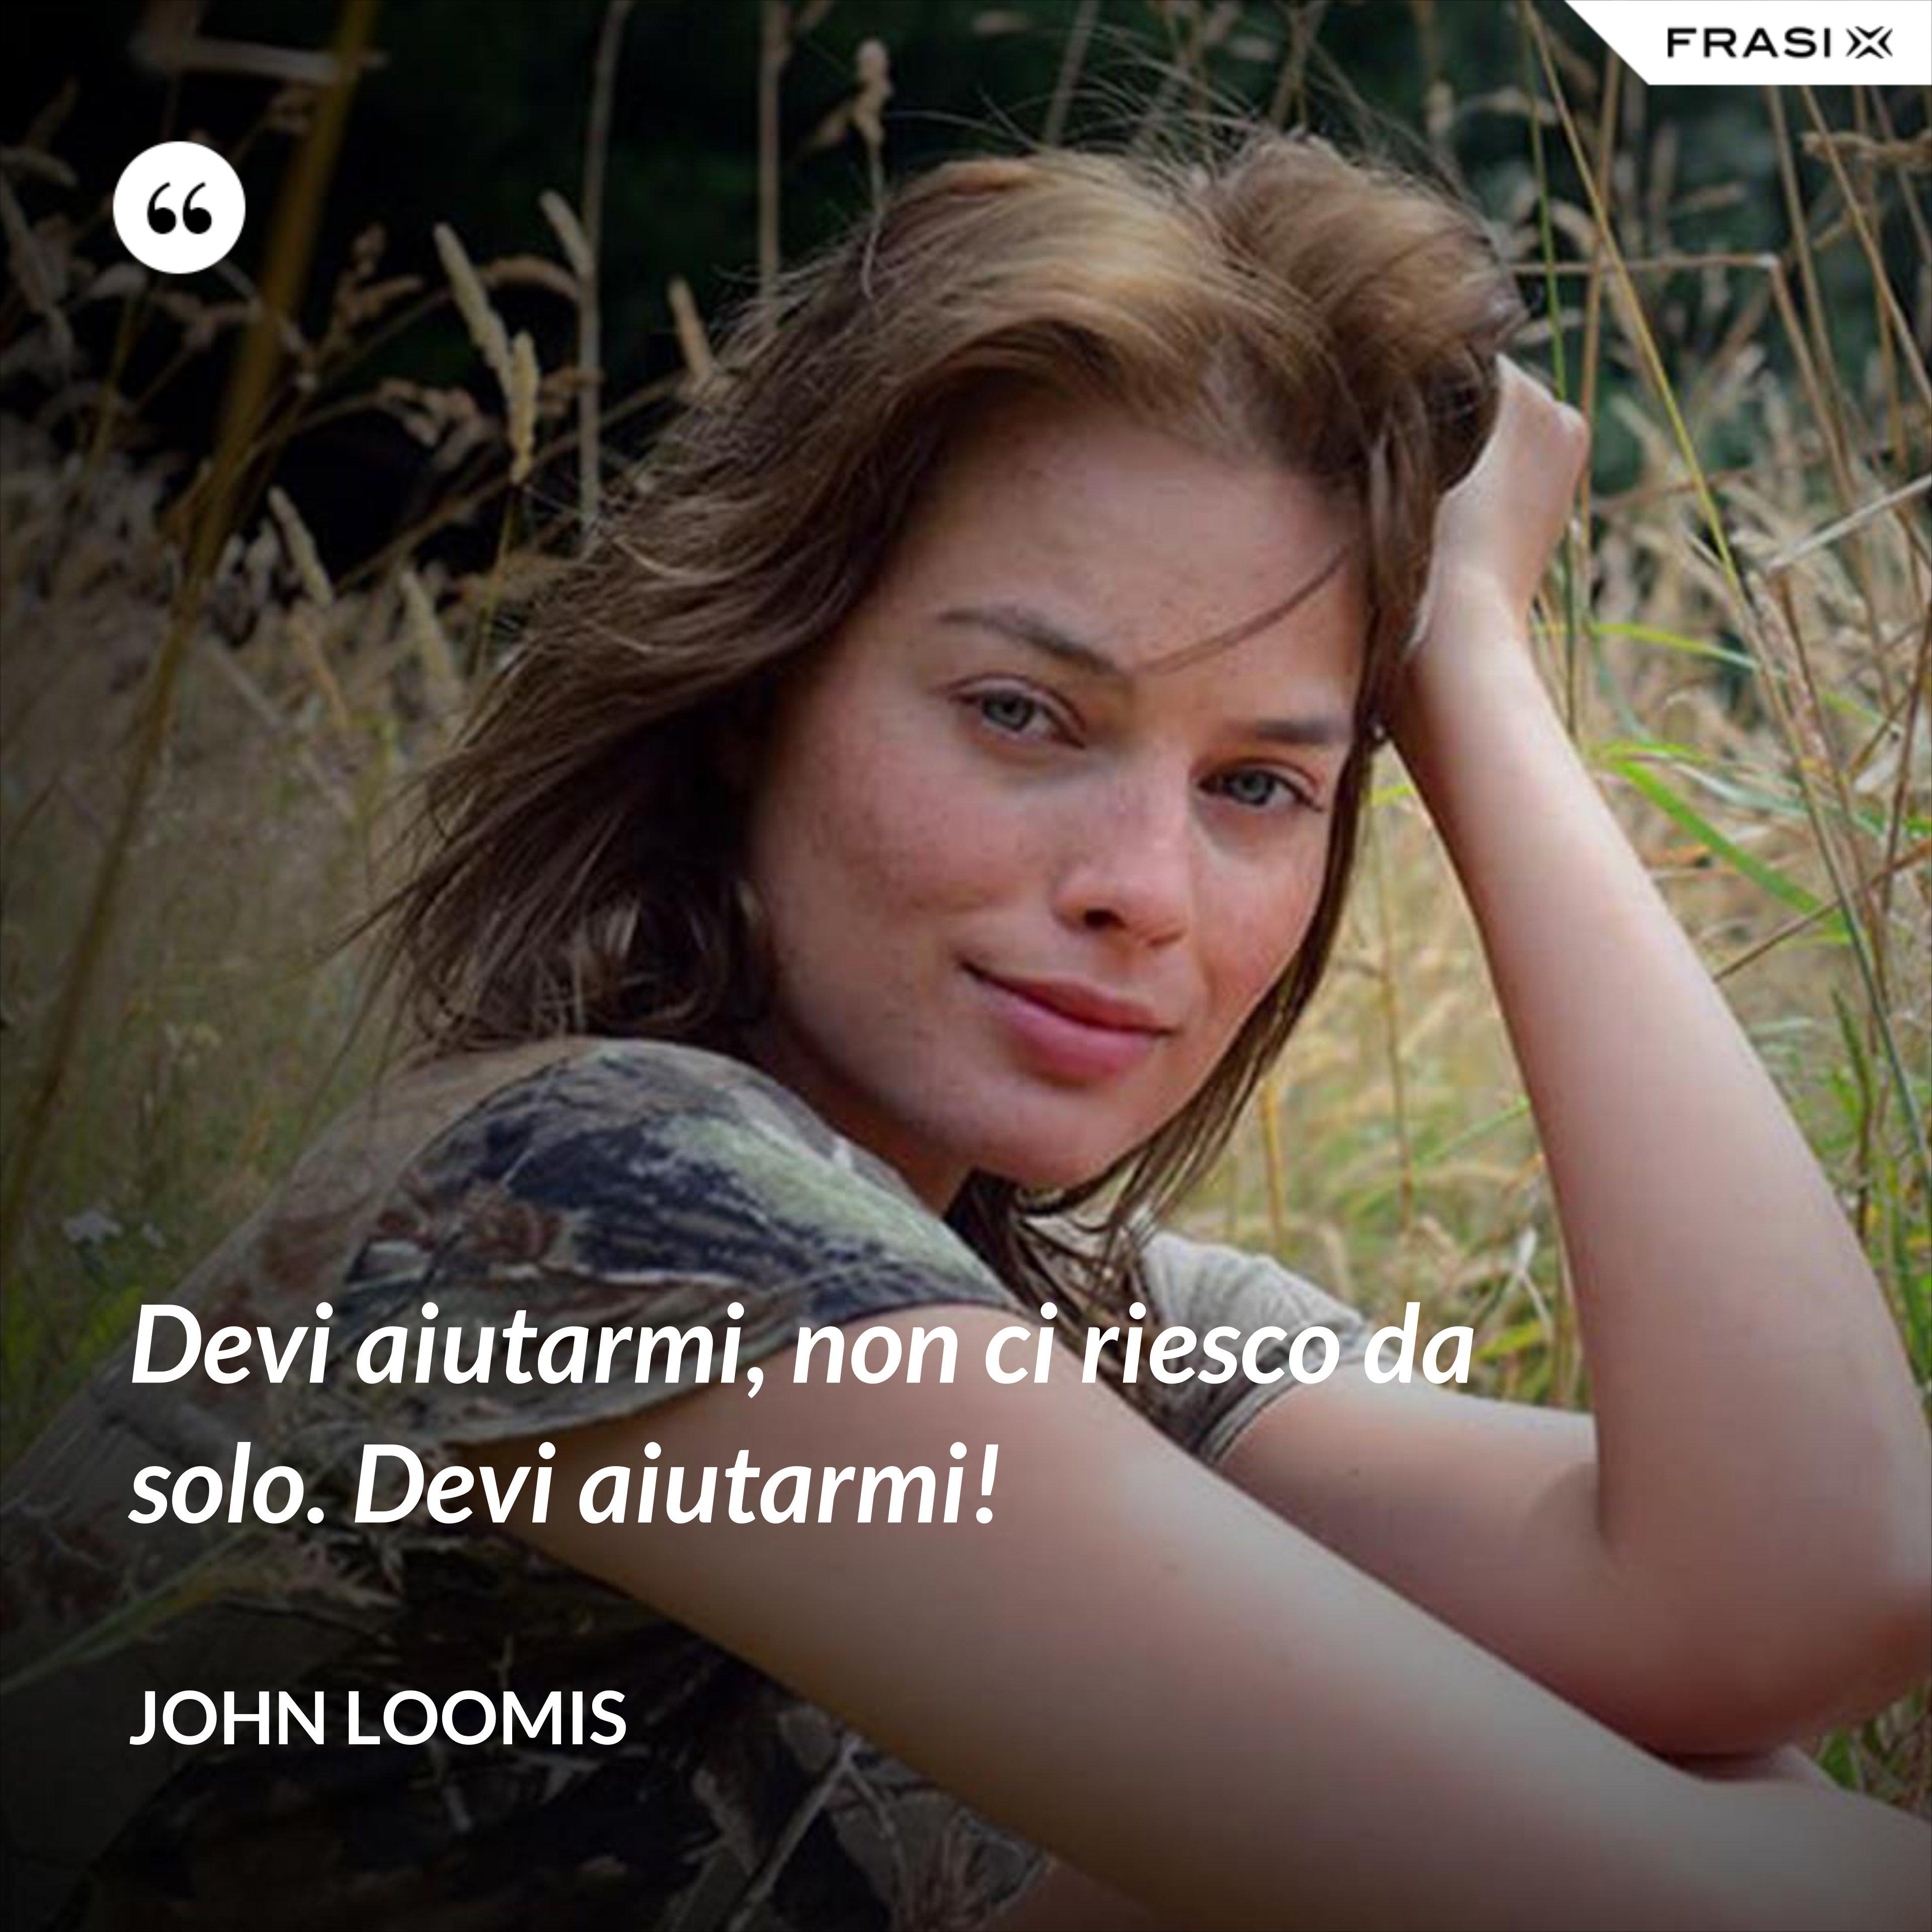 Devi aiutarmi, non ci riesco da solo. Devi aiutarmi! - John Loomis